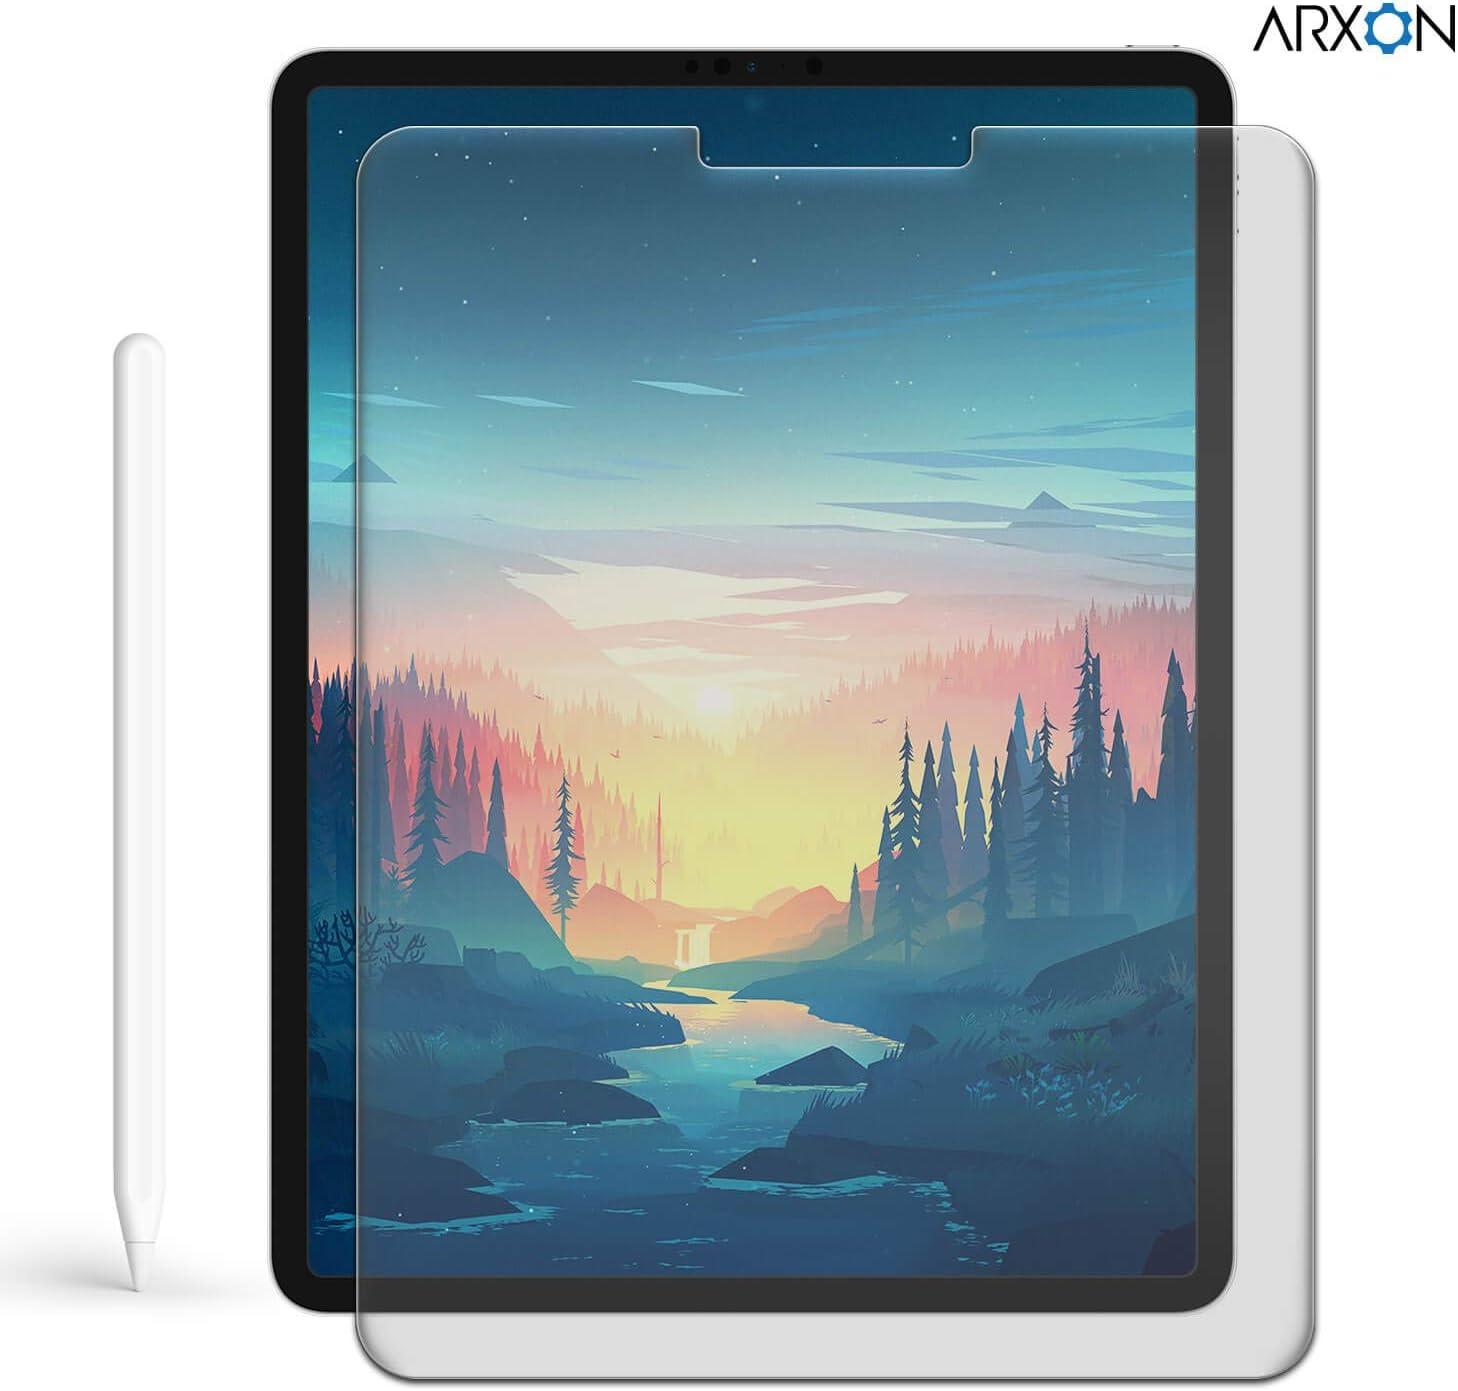 Una iPad con fondo de pantalla ilustrado de bosque con pinos y un río, un Apple Pencil y el protector de pantalla